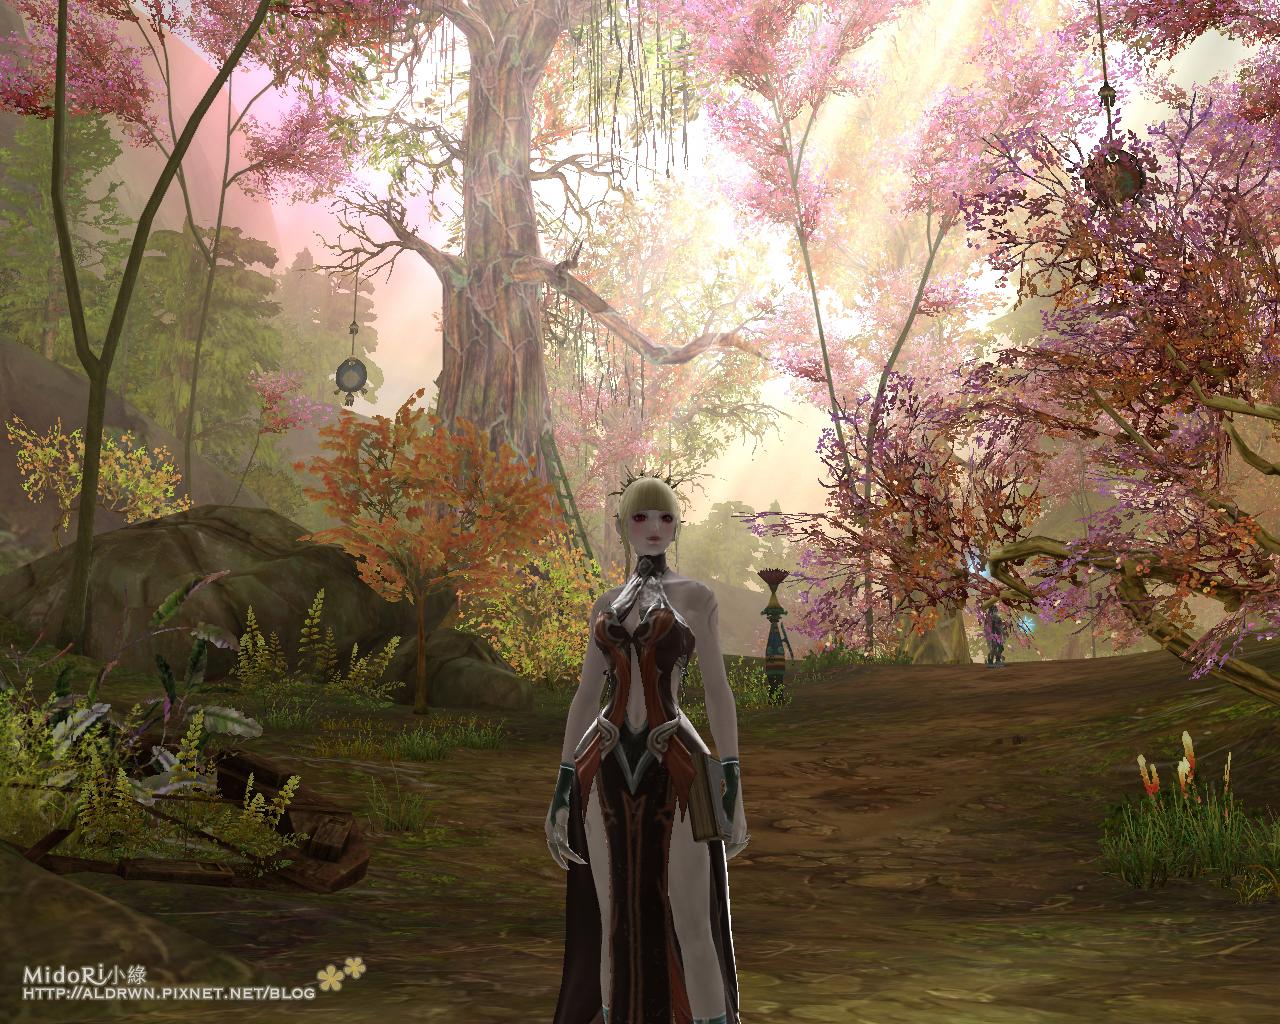 魔族-超美櫻花樹林3.jpg